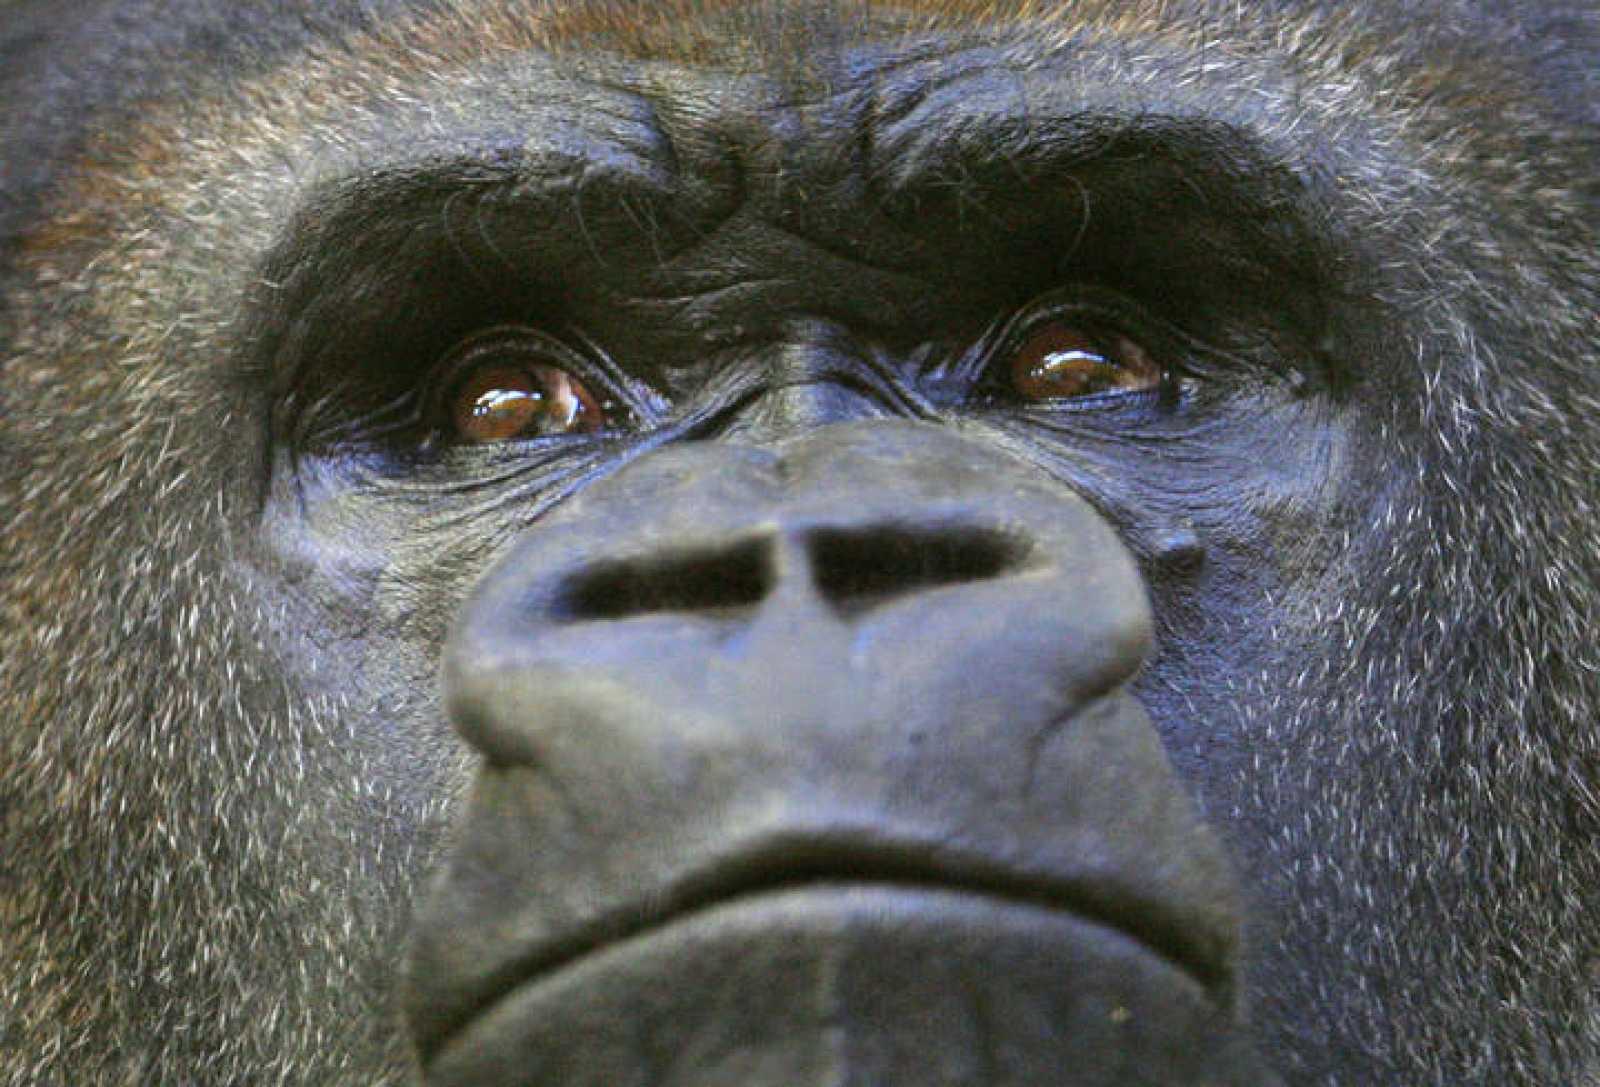 Los grandes simios, amenazados por la caza ilegal y la destrucción de sus hábitats.